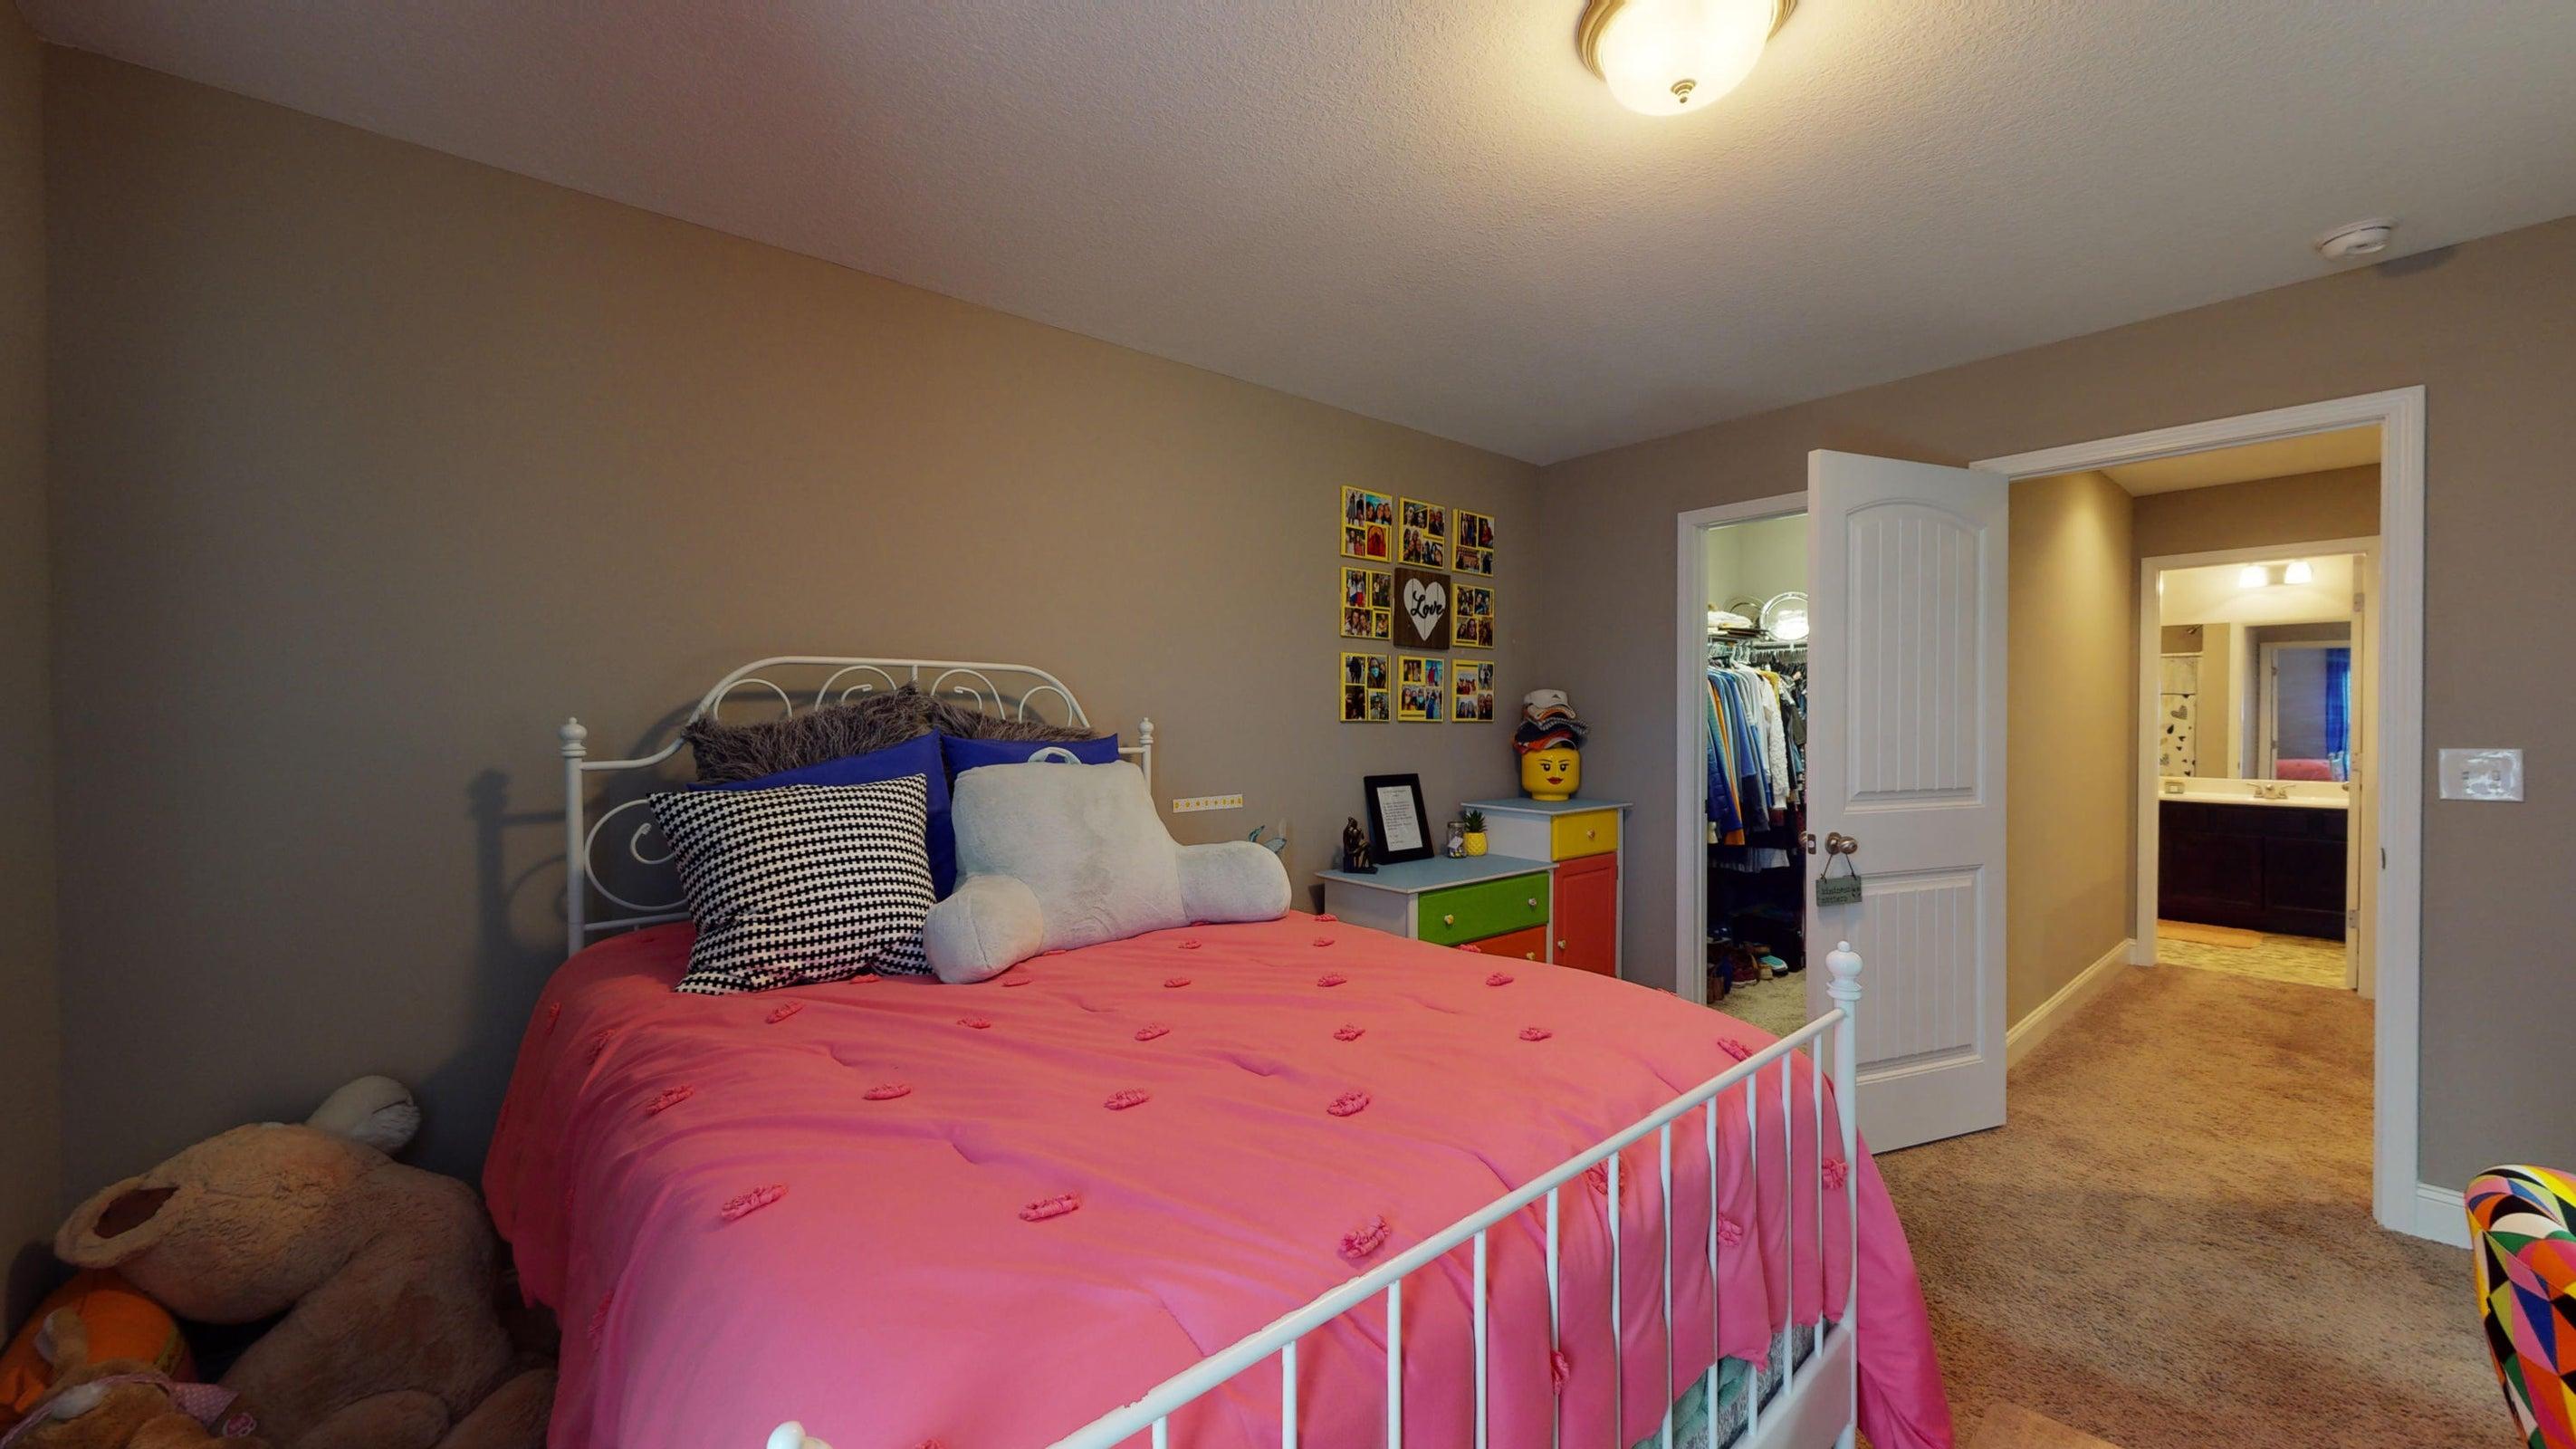 2352-Madeline-lane-Bedroom-2